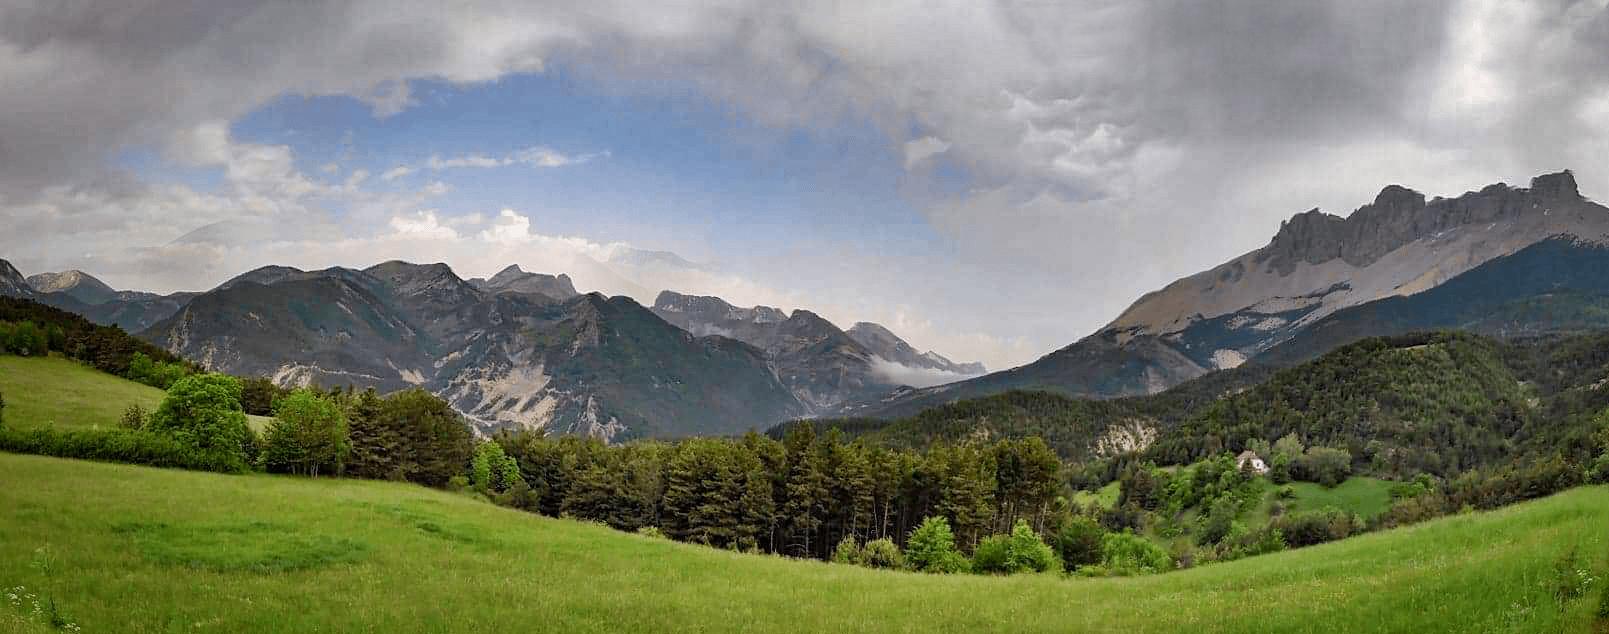 Paysage panoramique des Hautes-Alpes